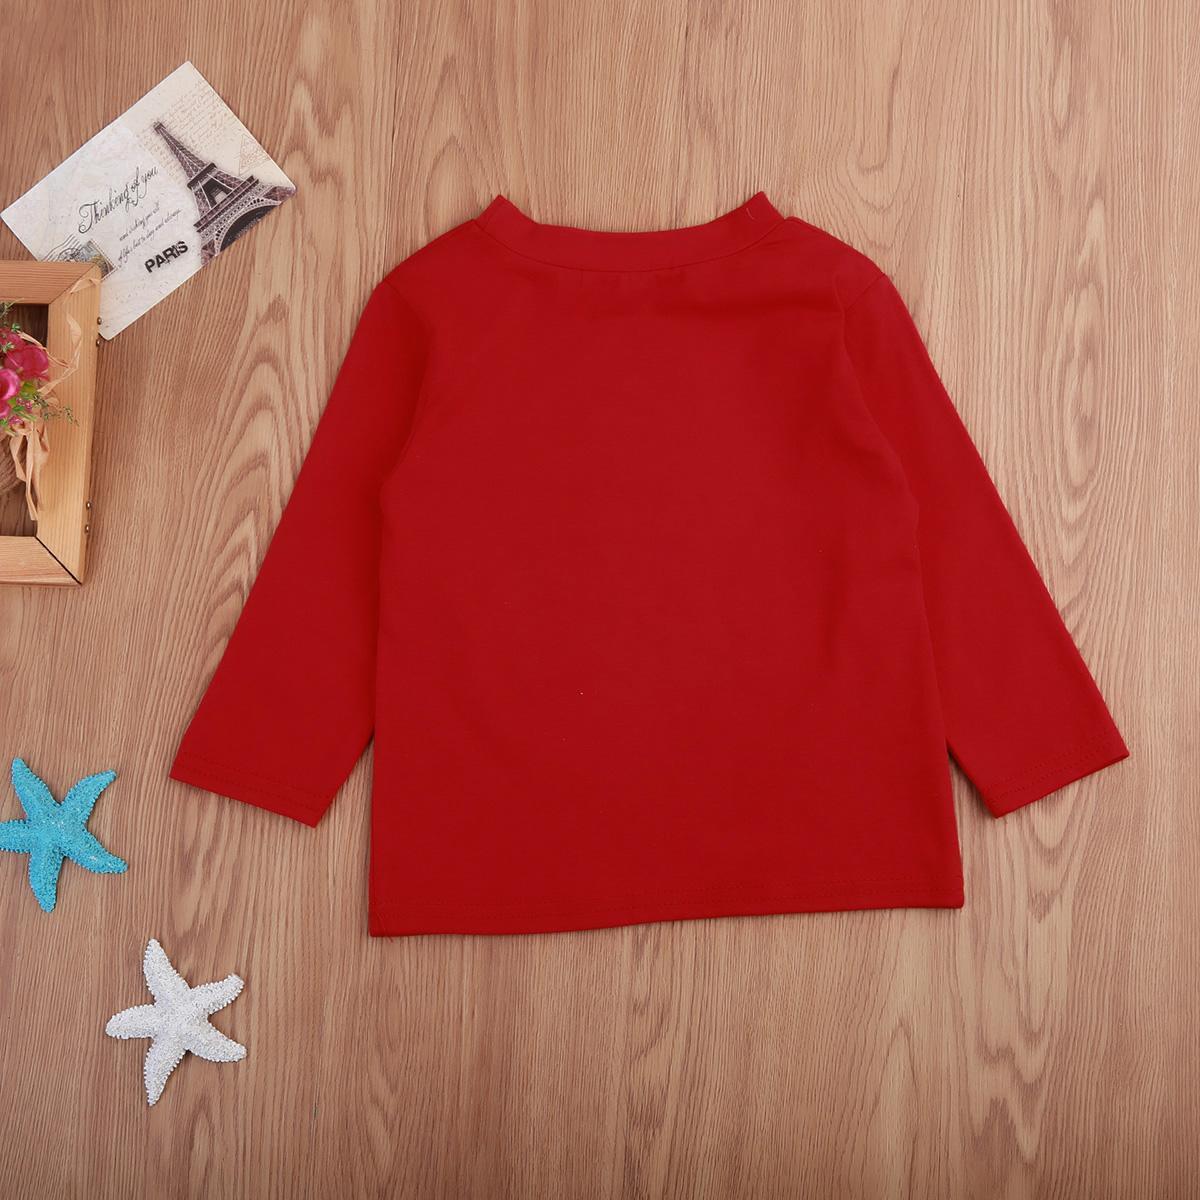 Рождество Дети Мальчик с длинным рукавом футболки Рождество Tee малышей Футболка Топы Одежда 1-6Y